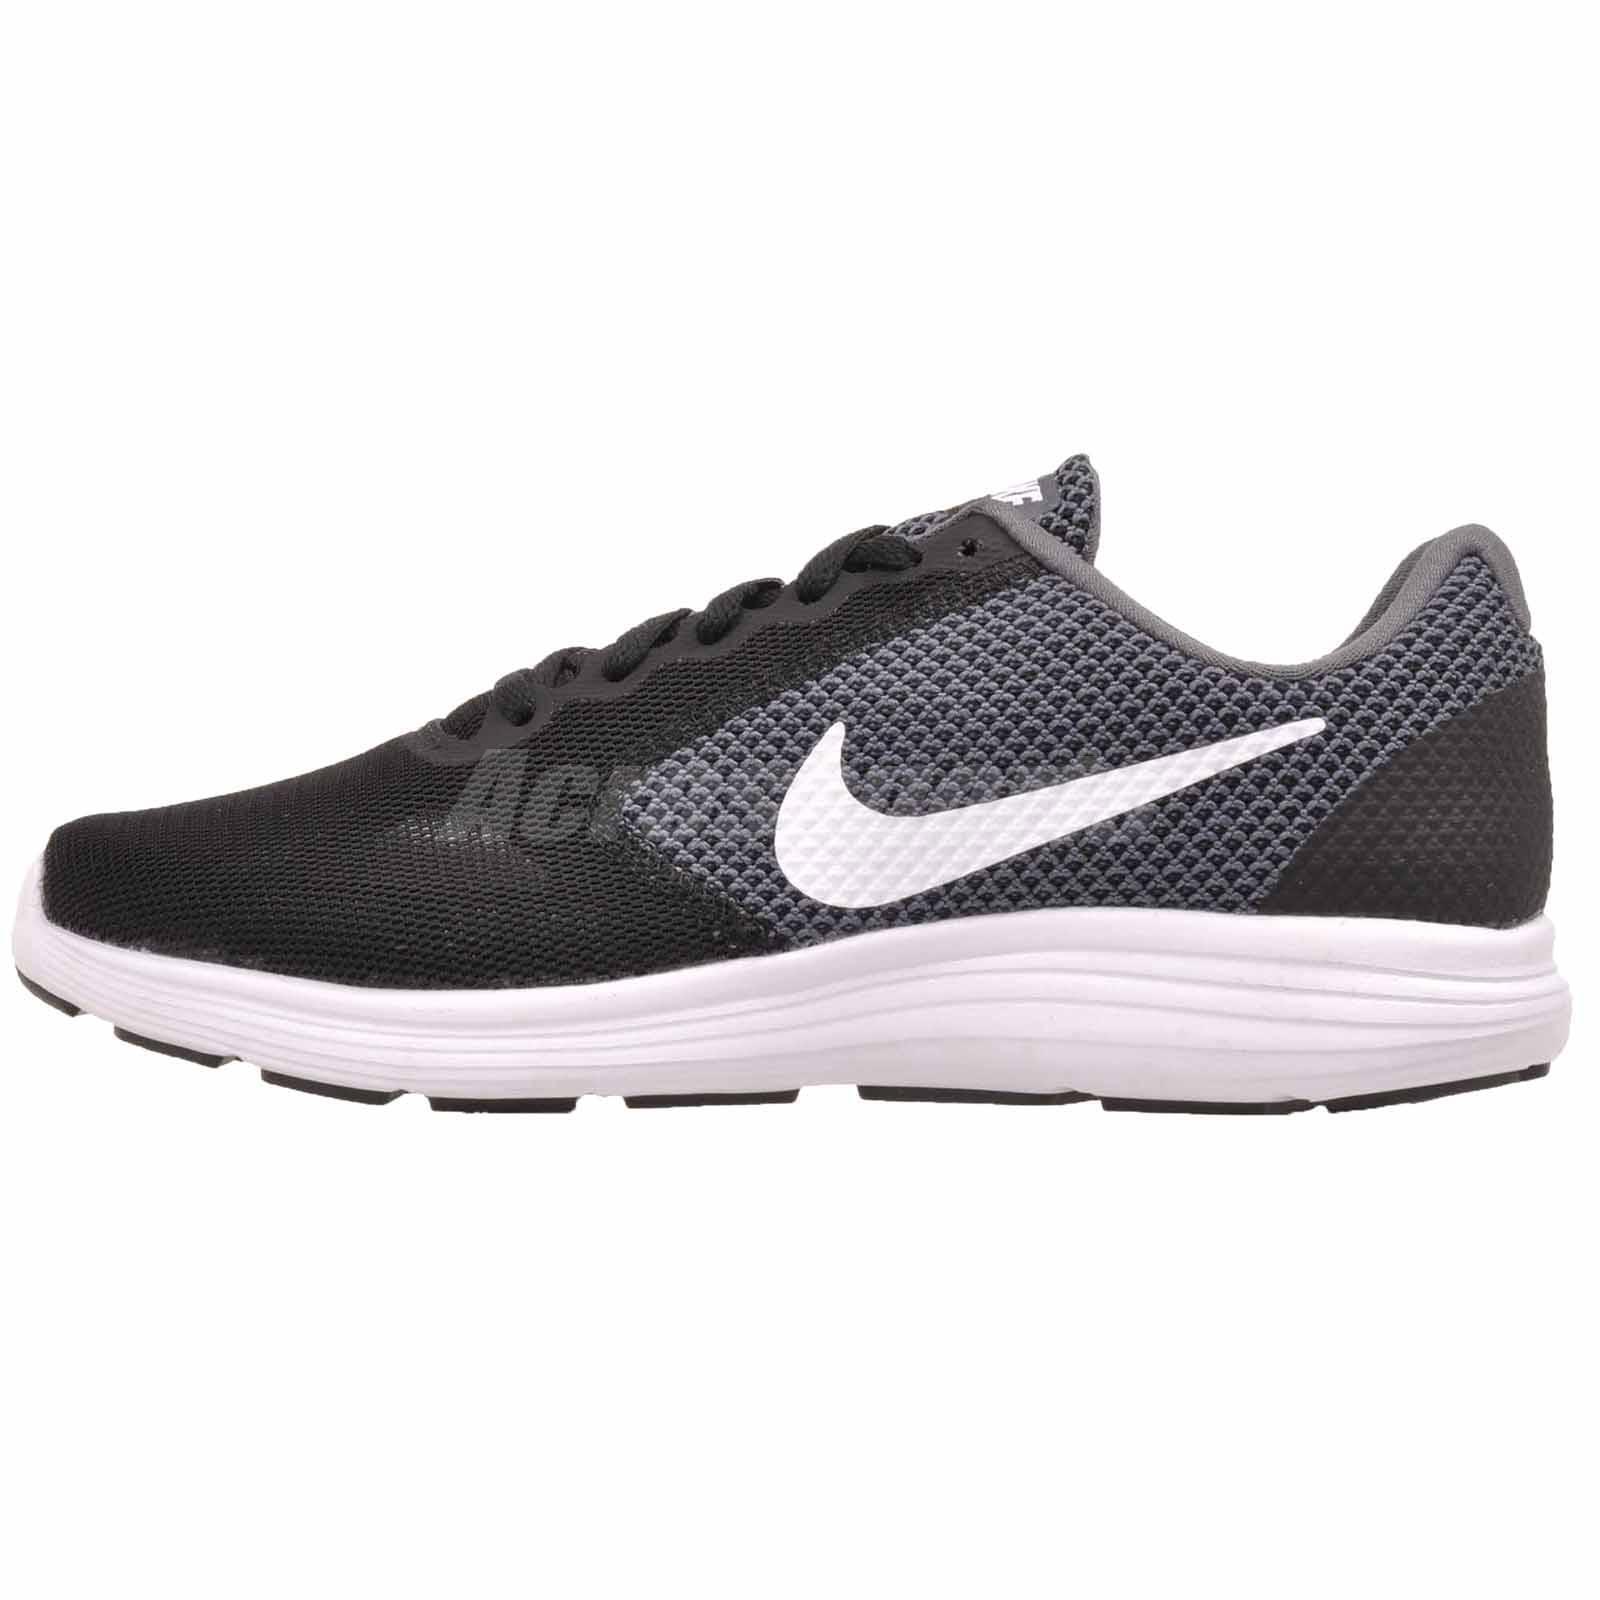 Nike Wmns Revolution 3 W Running shoes Dark Grey Wide 819302-001